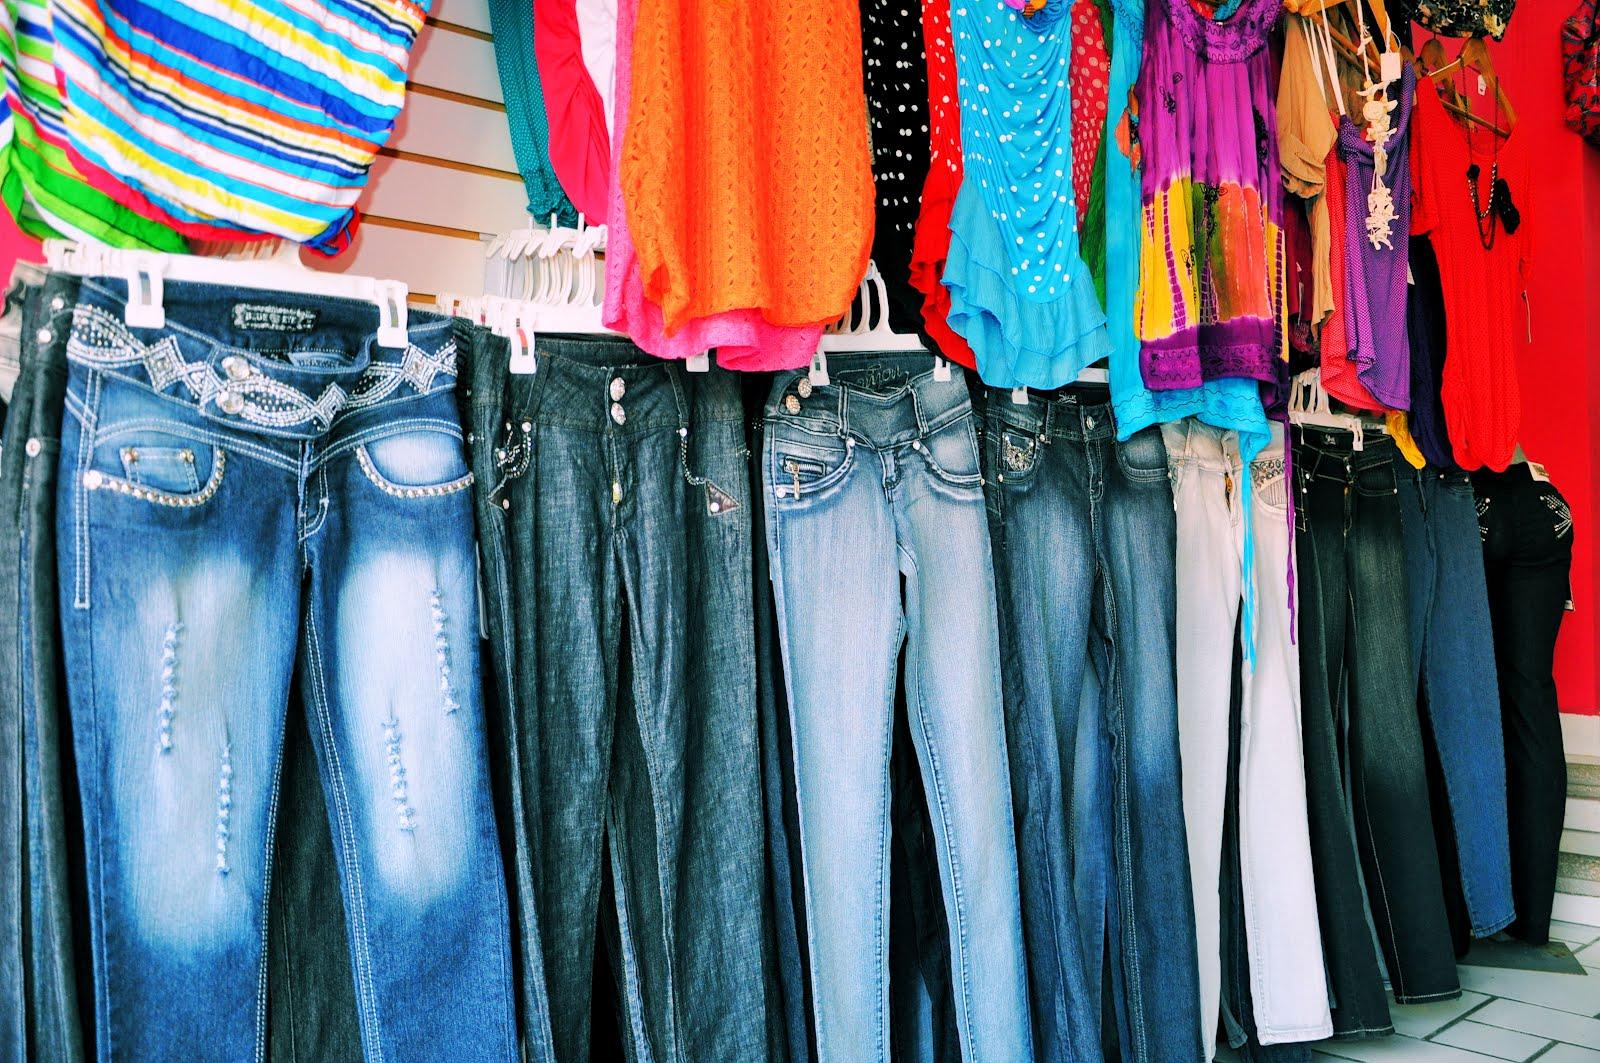 imagenes de pantalones de mezclilla para dama - Yenko Jeans Facebook